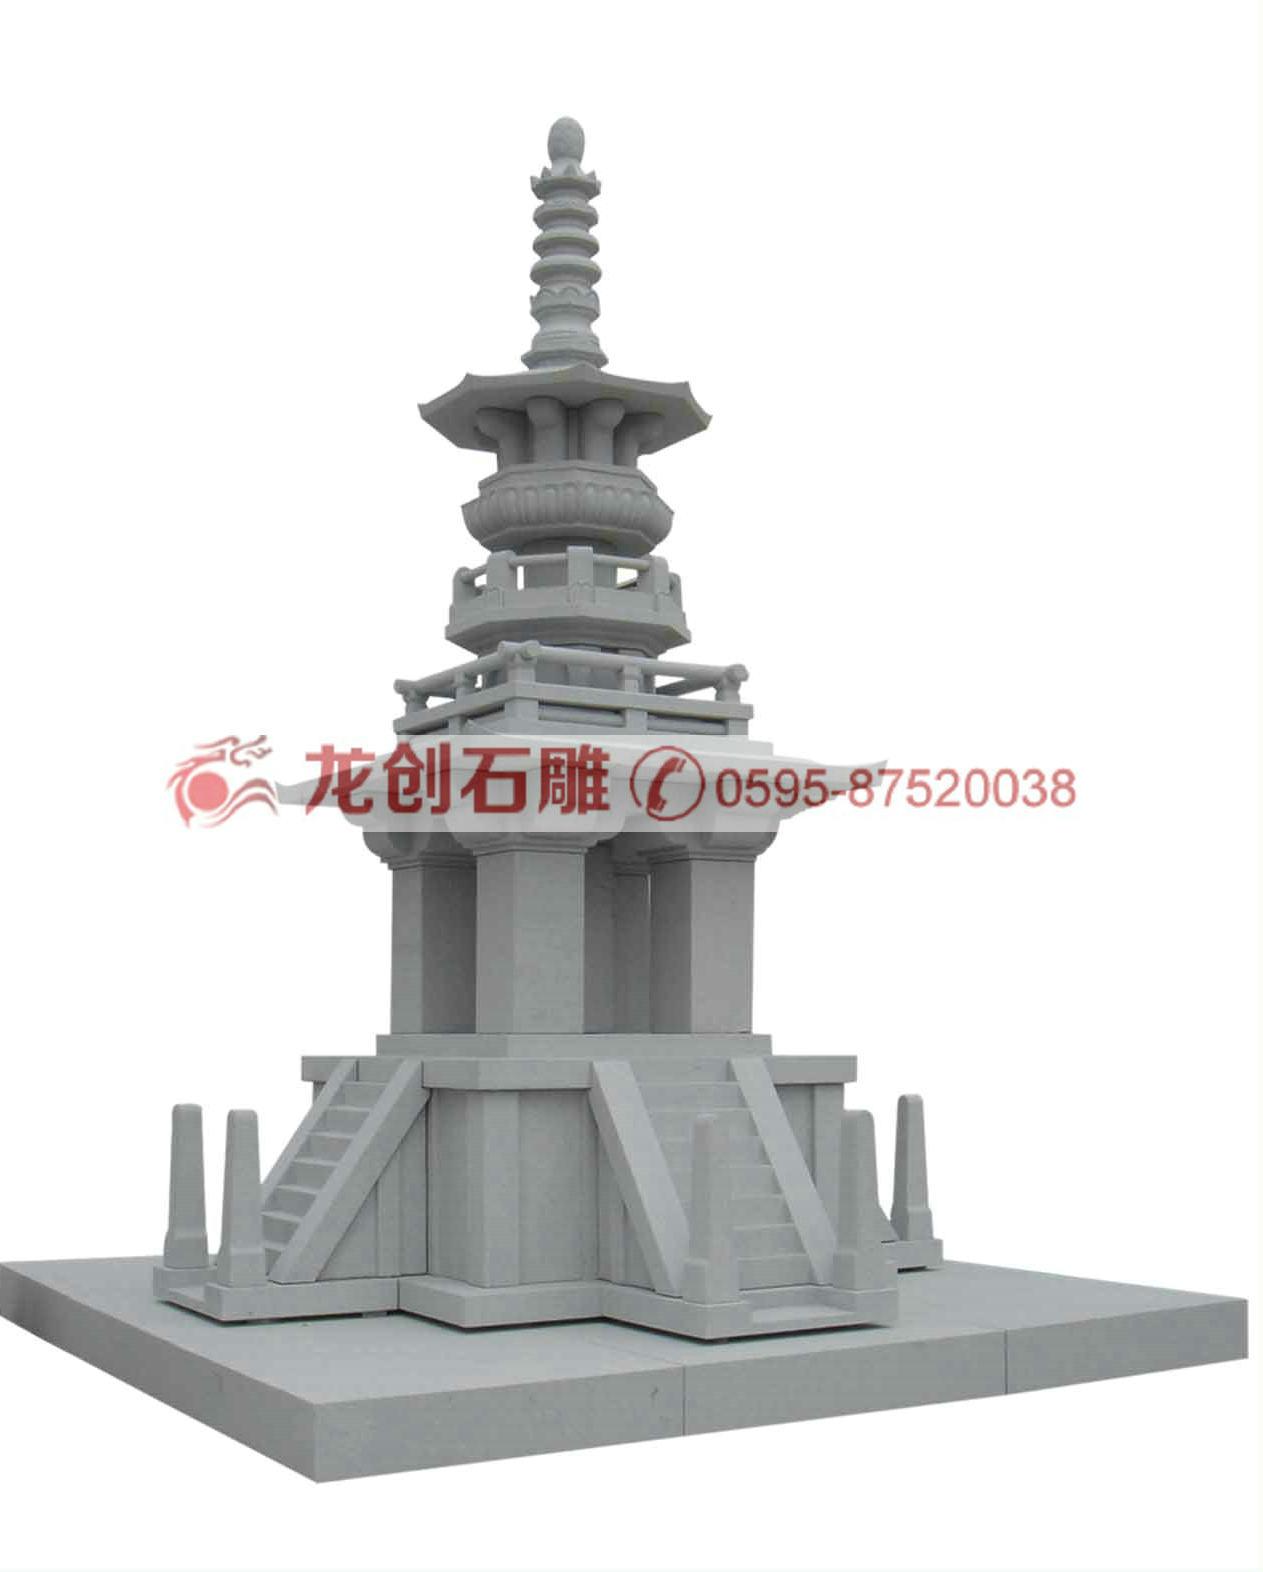 石雕佛塔 花岗岩石塔 大型寺庙石塔